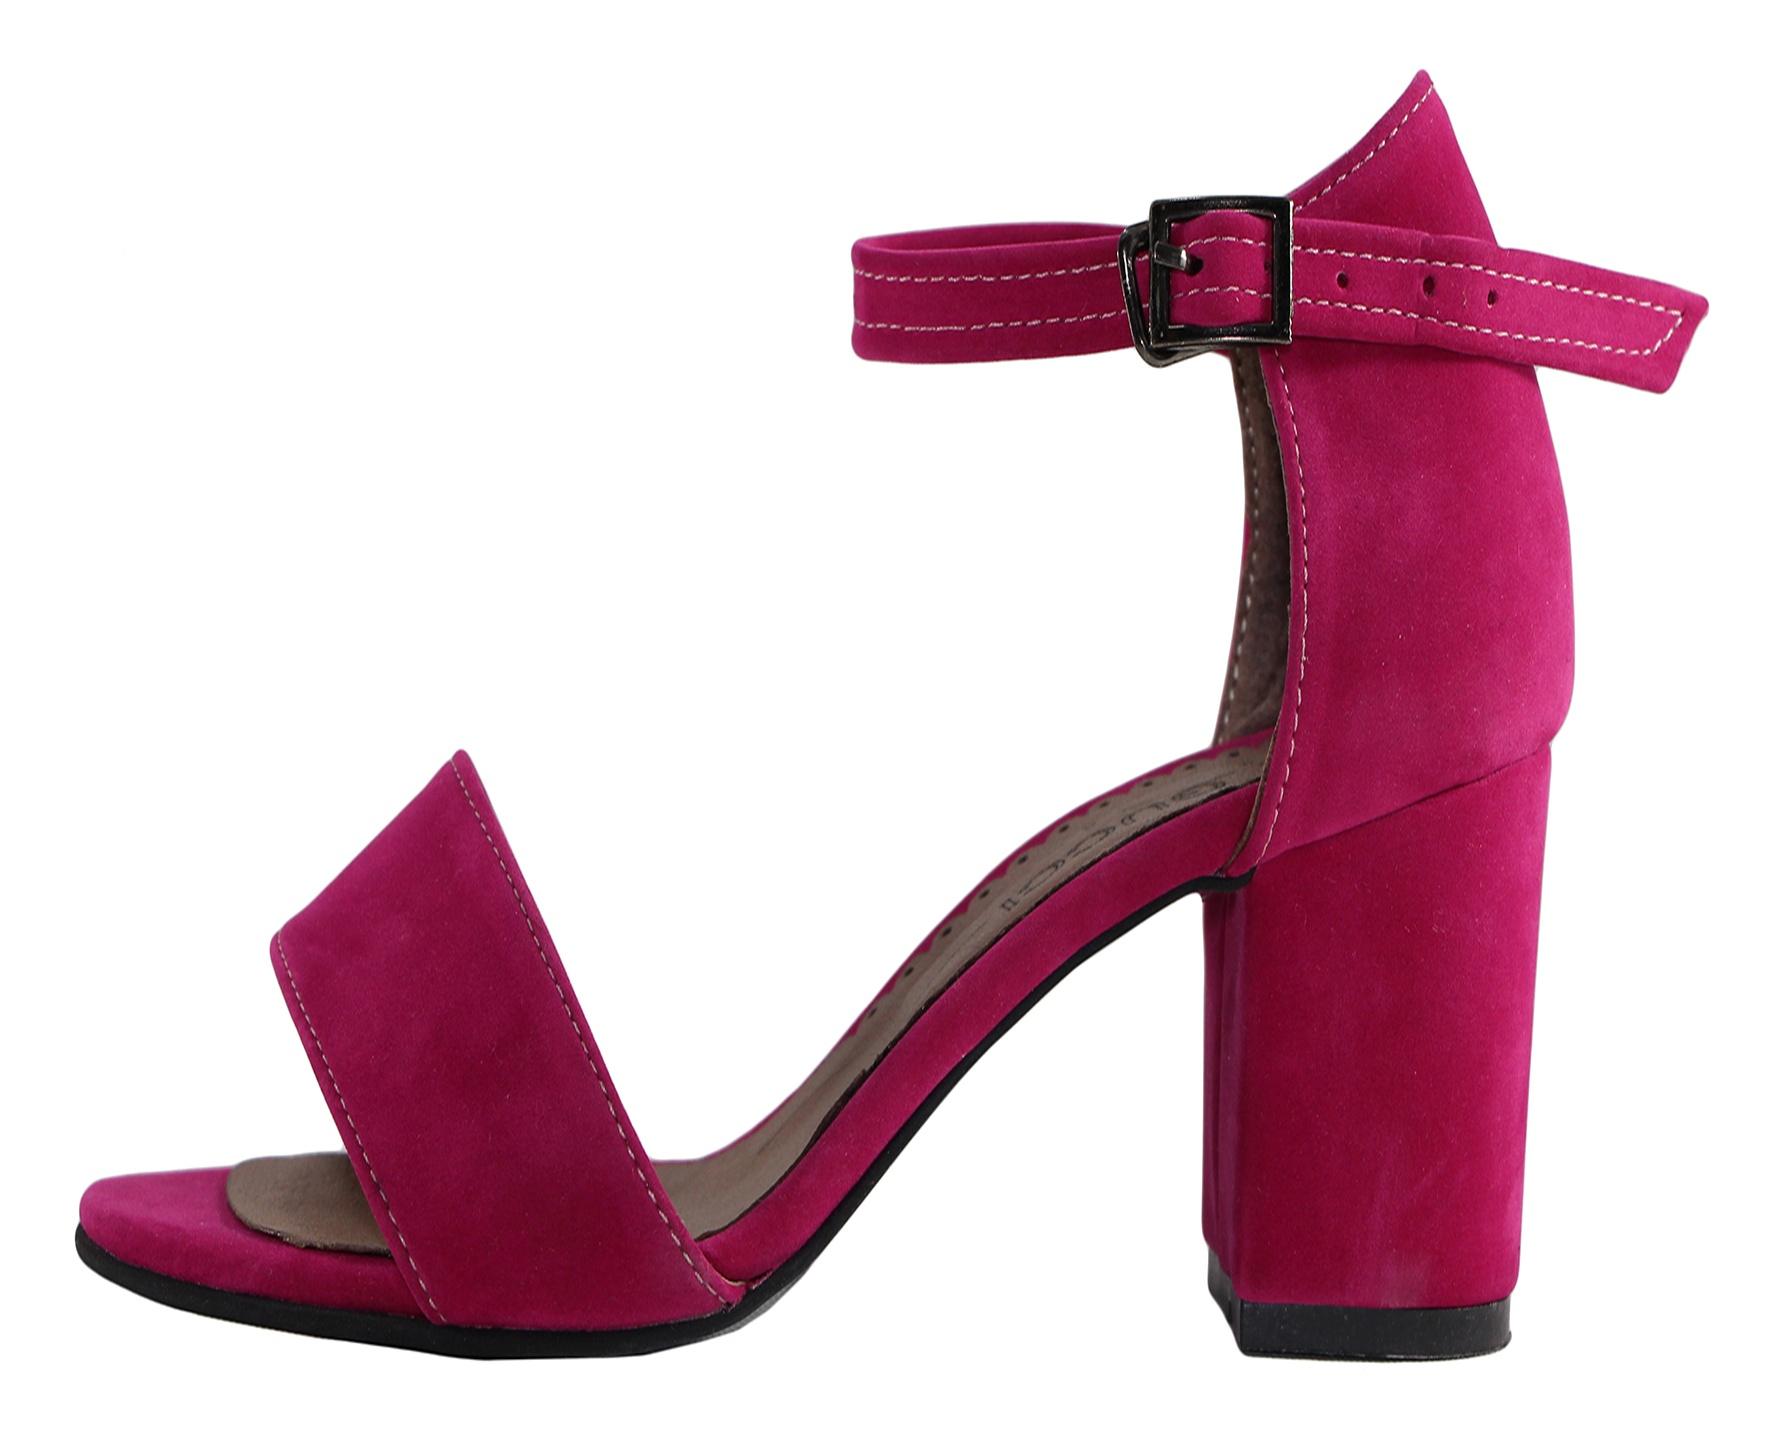 کفش زنانه عالیجناب کد kl211310p